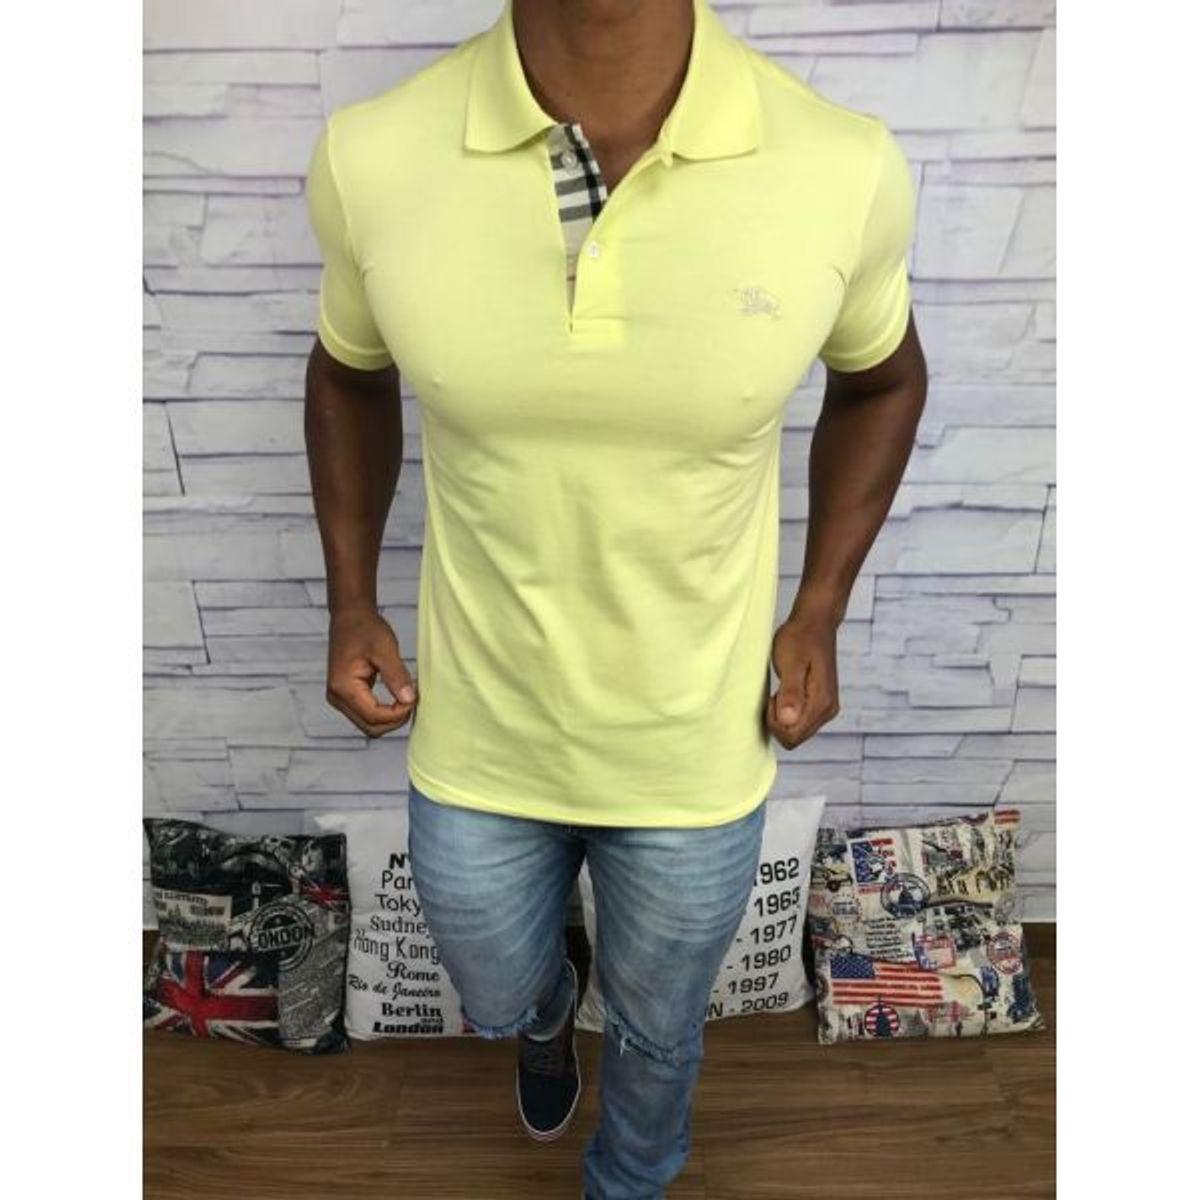 a7611e7e73 camisa masculina polo burberry amarela - camisas burberry